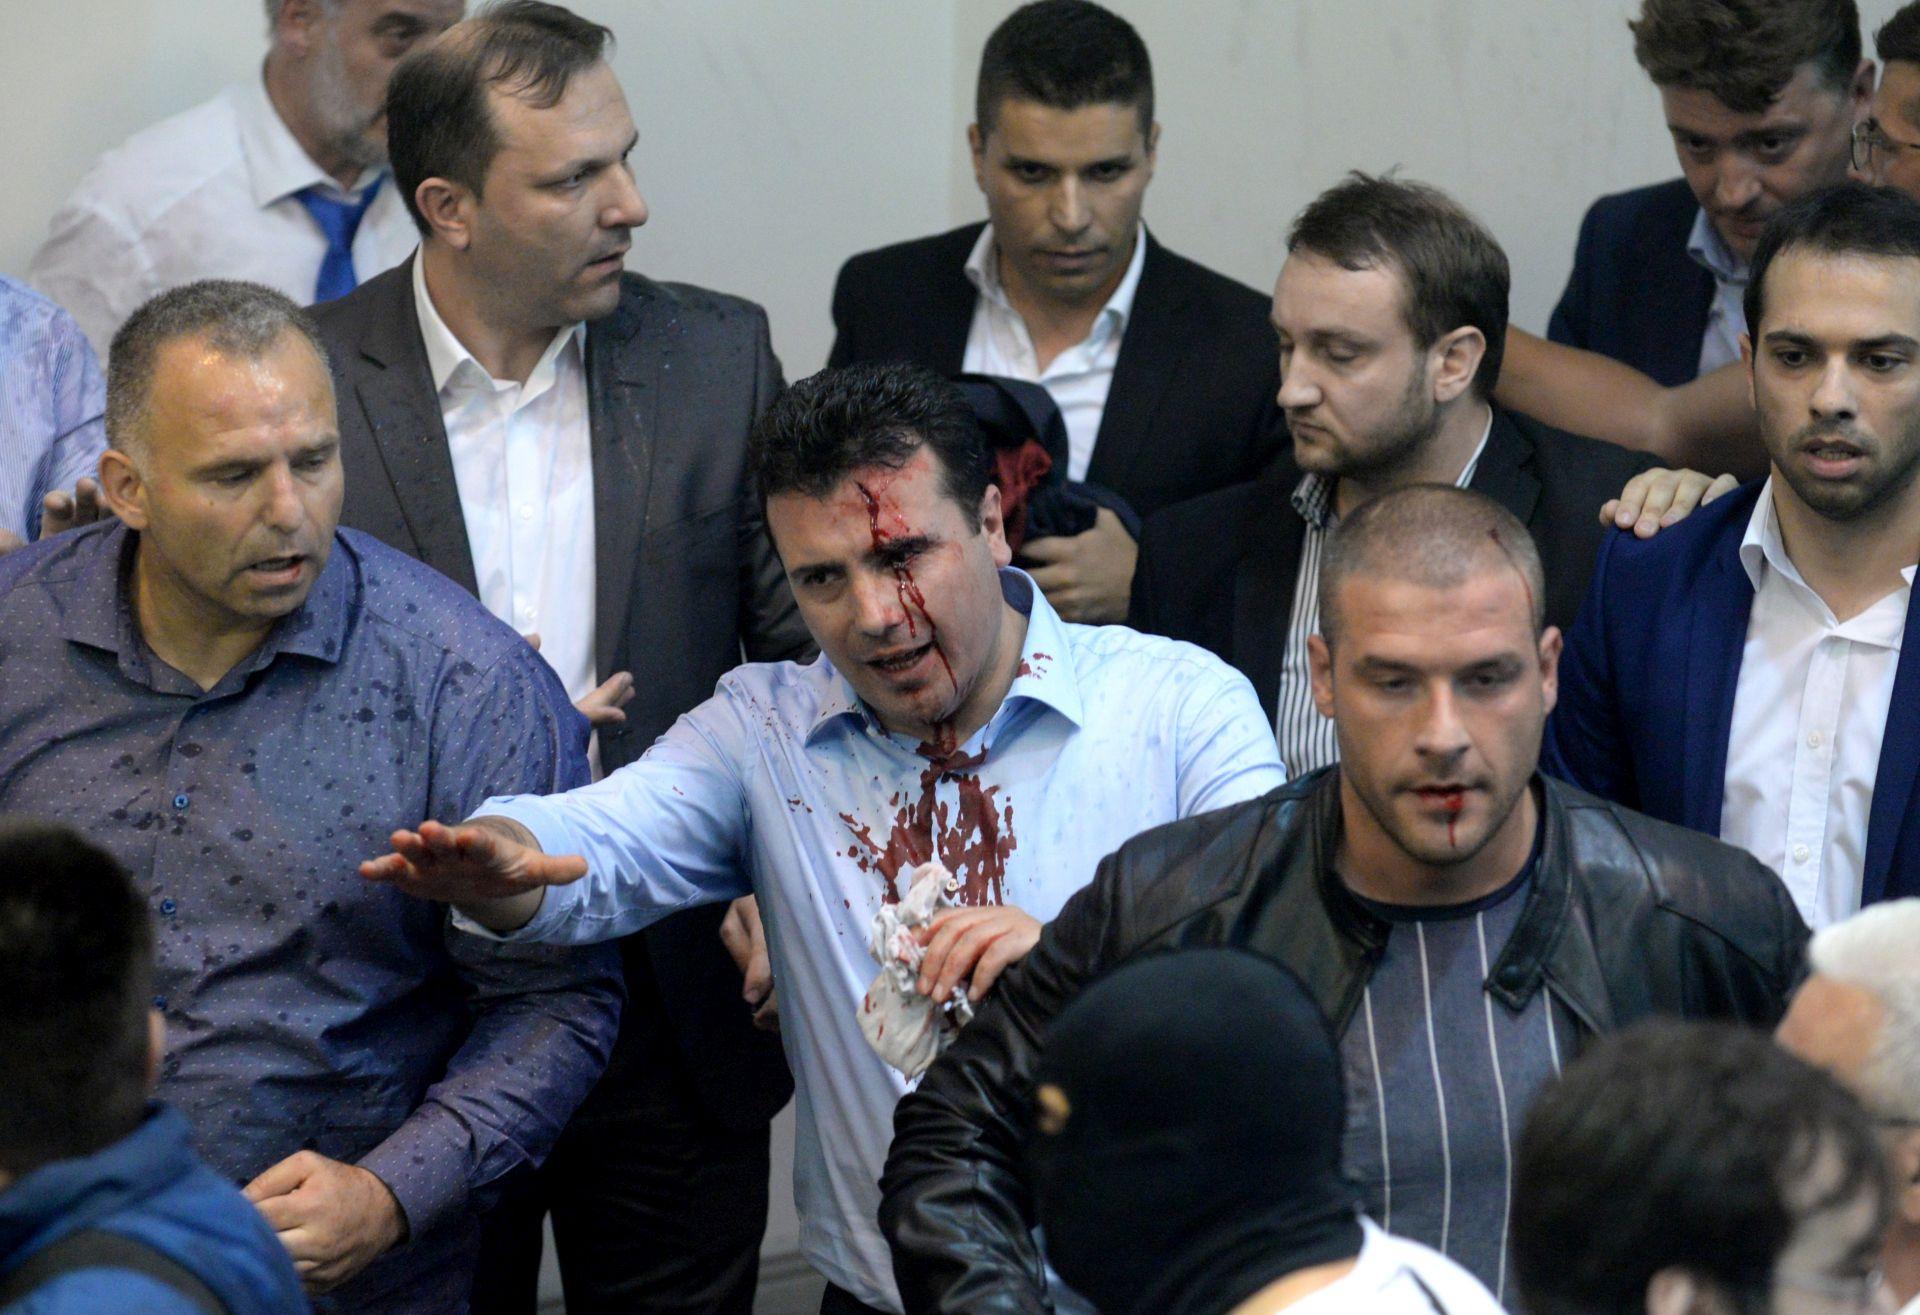 Dan nakon upada prosvjednika u parlament u Skopju se stanje normalizira